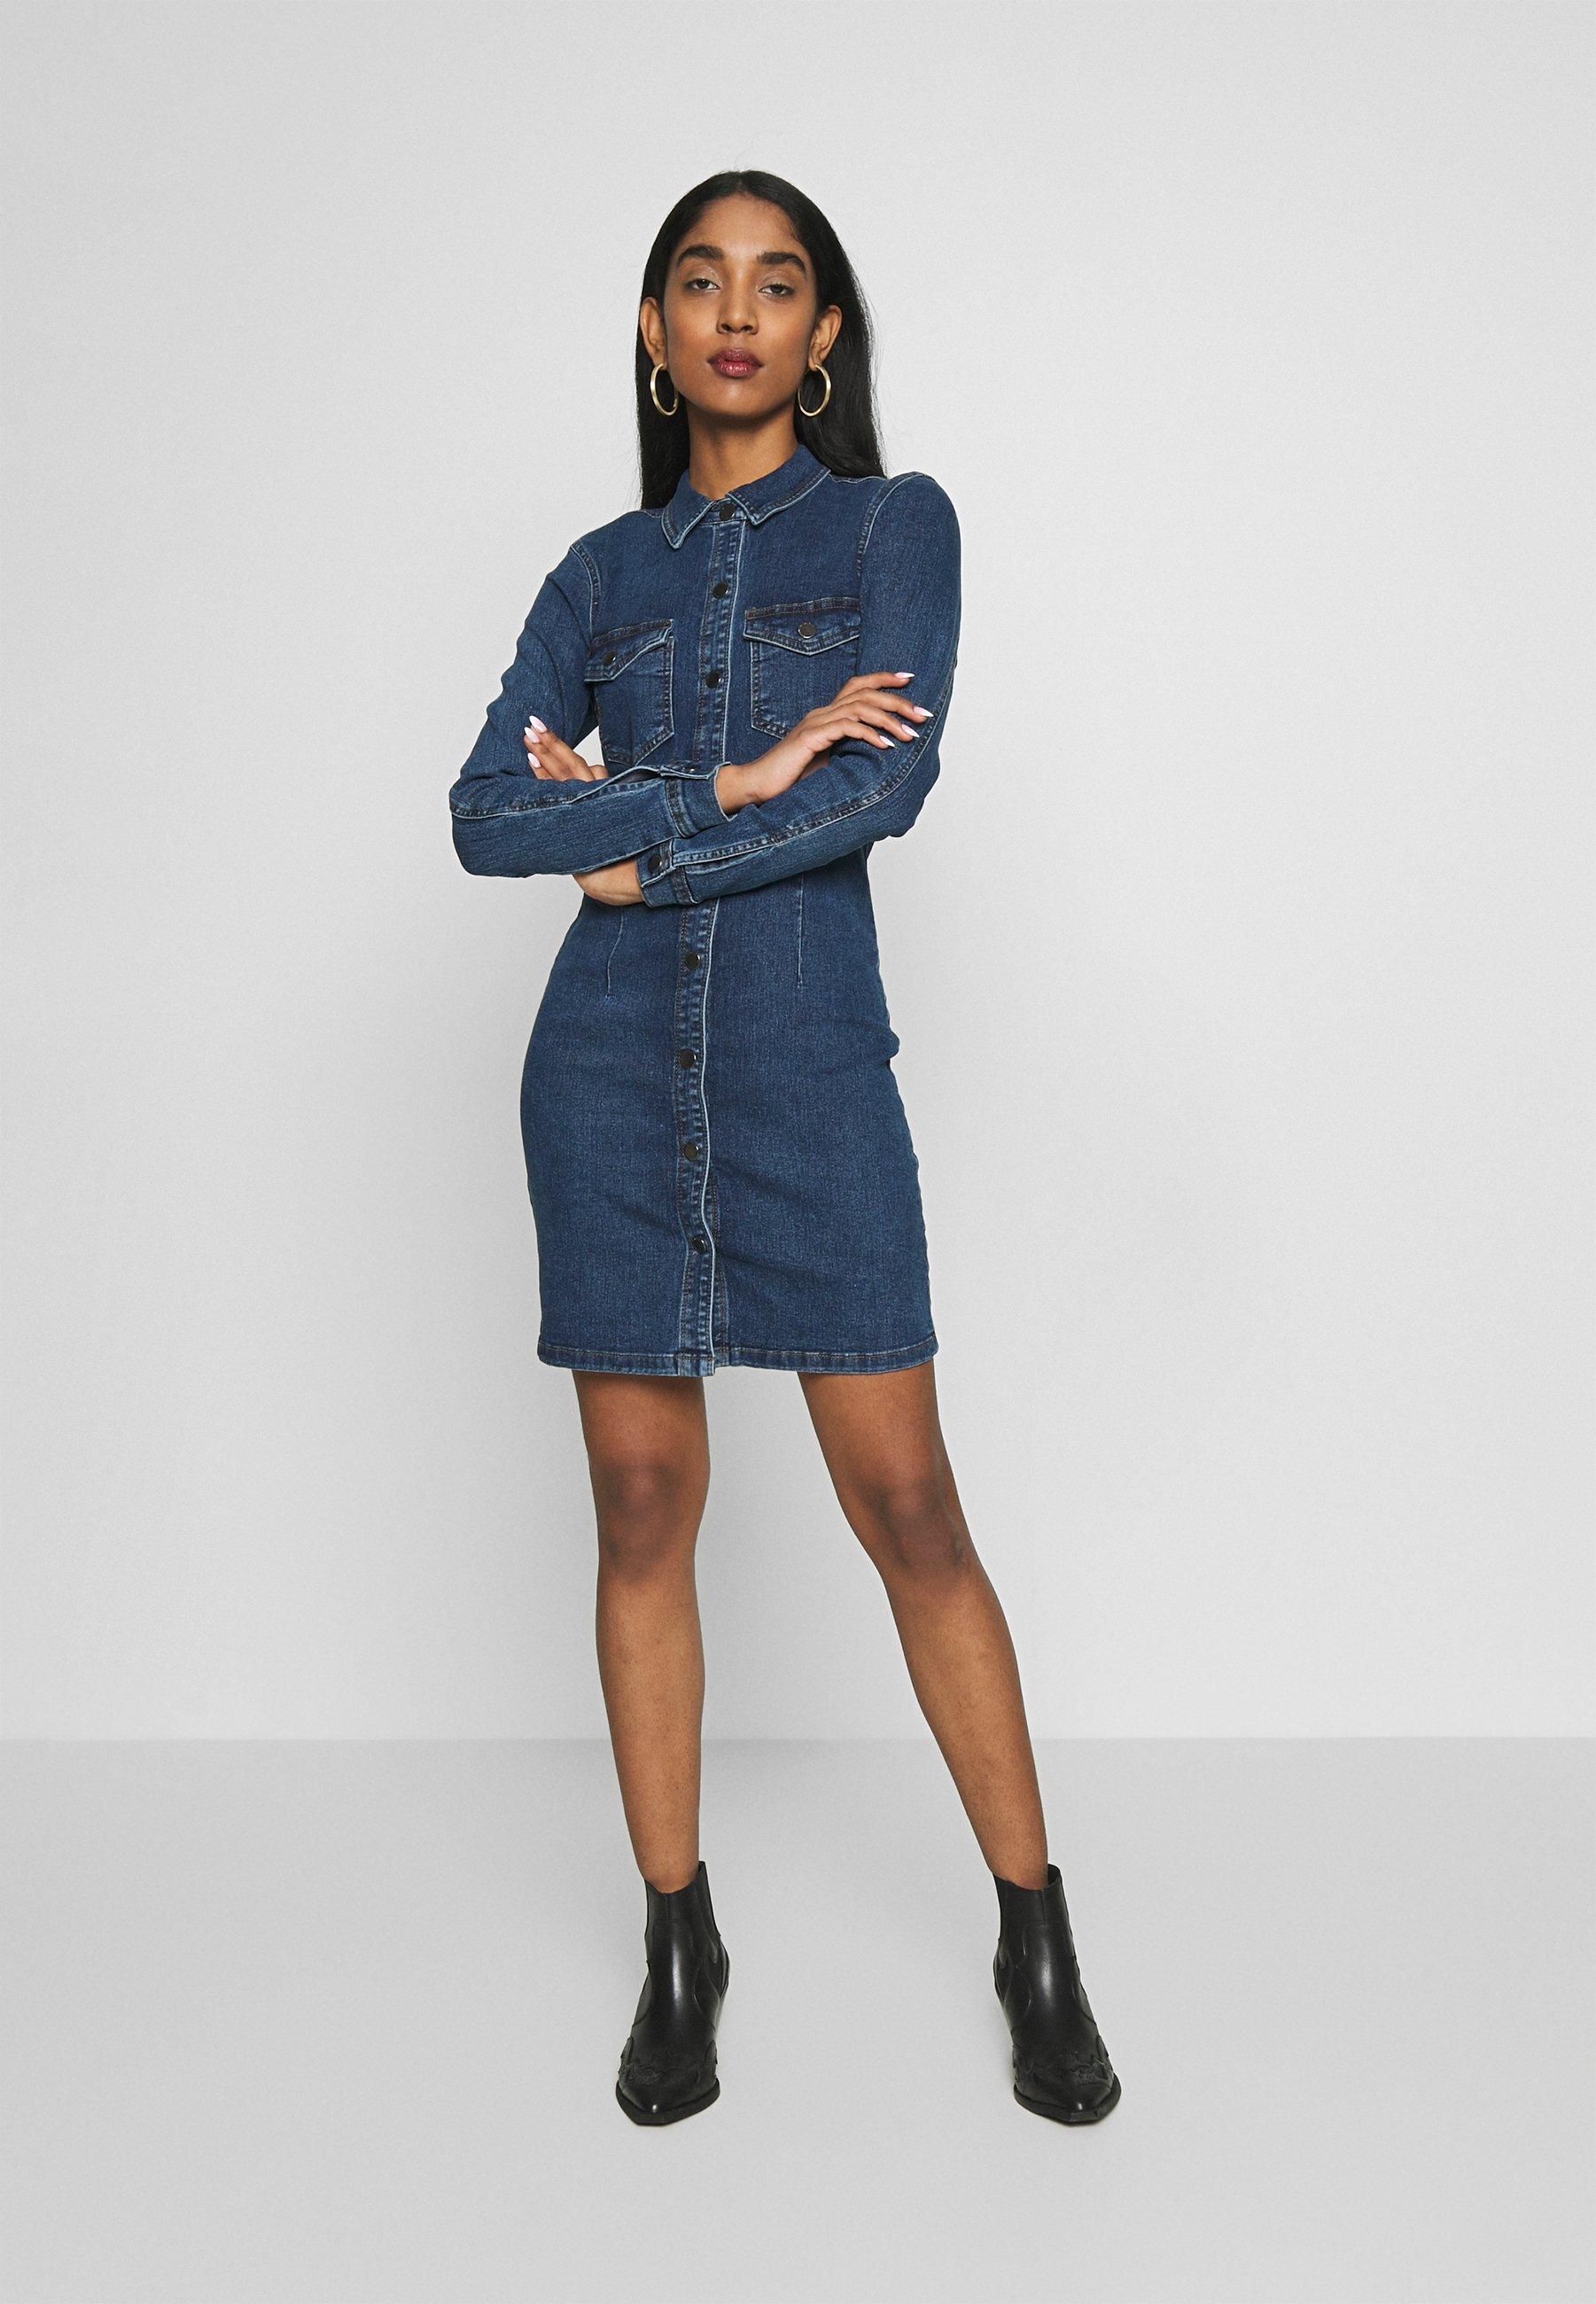 Modowy klasyk: zawsze modna sukienka jeansowa na Zalando.pl